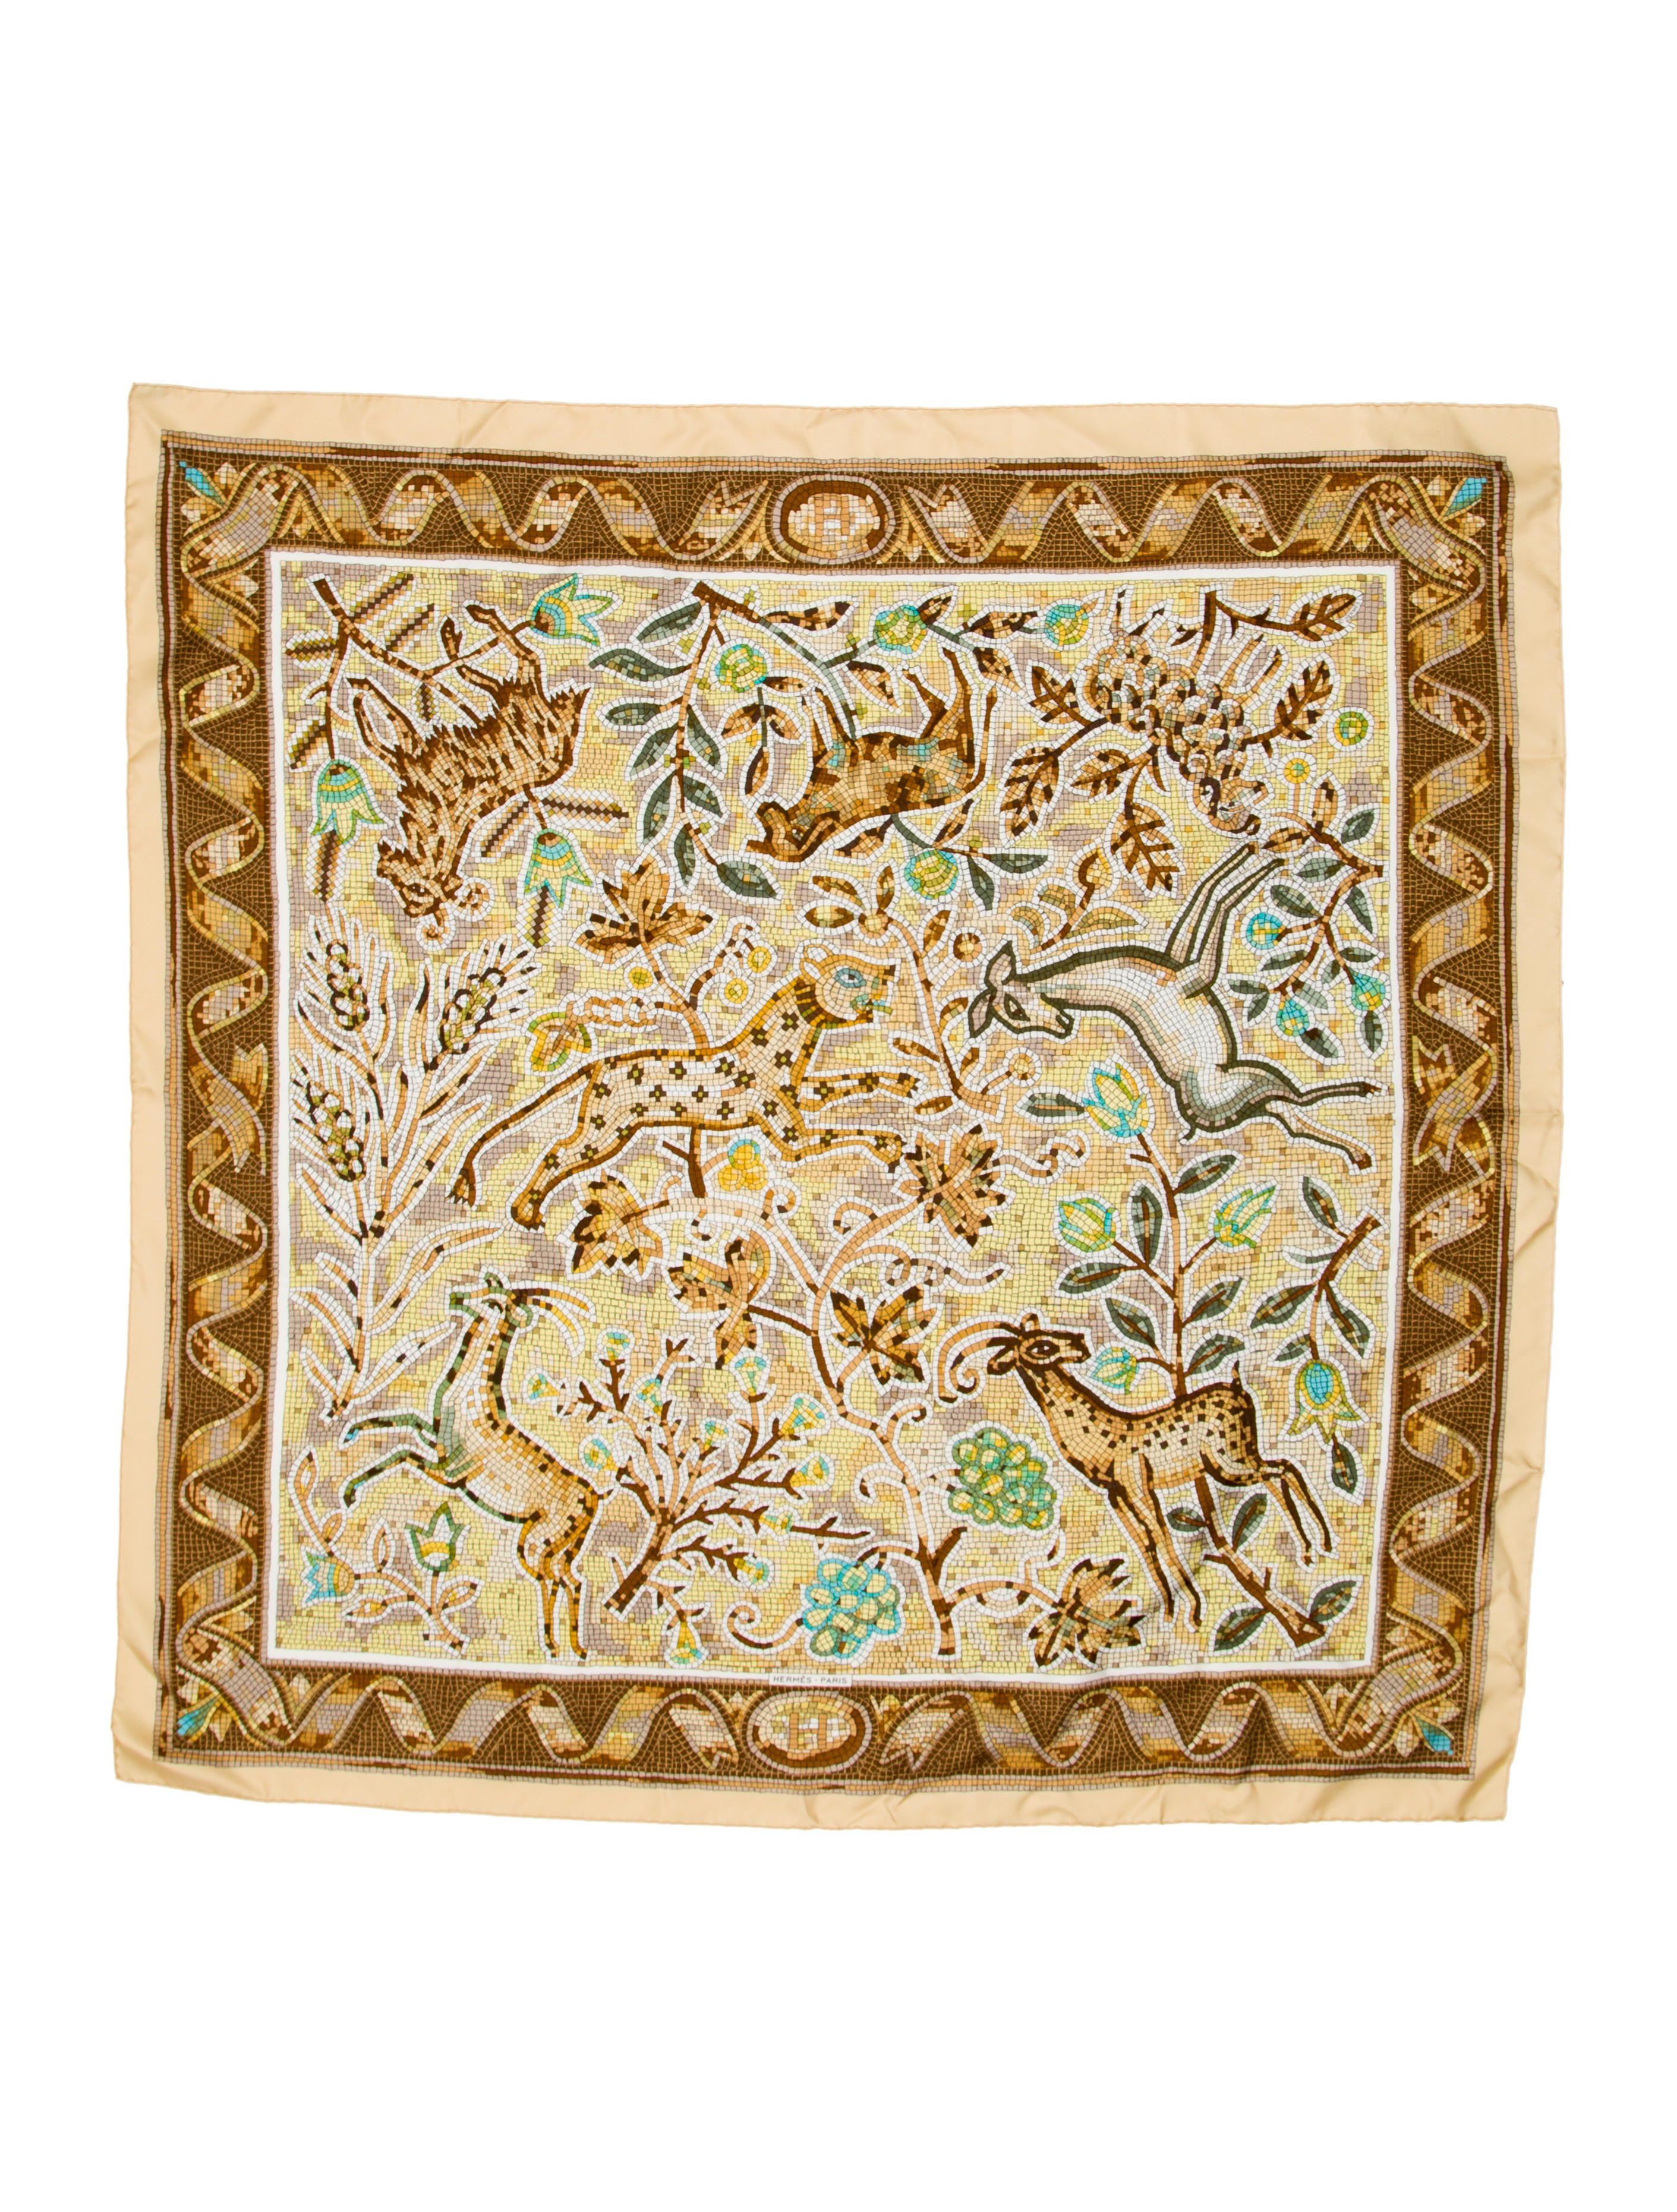 Hermès Animal Mosaic Silk Scarf   1 Hermès - H ing it Up! Hermes ... 28e4cf3b2c9